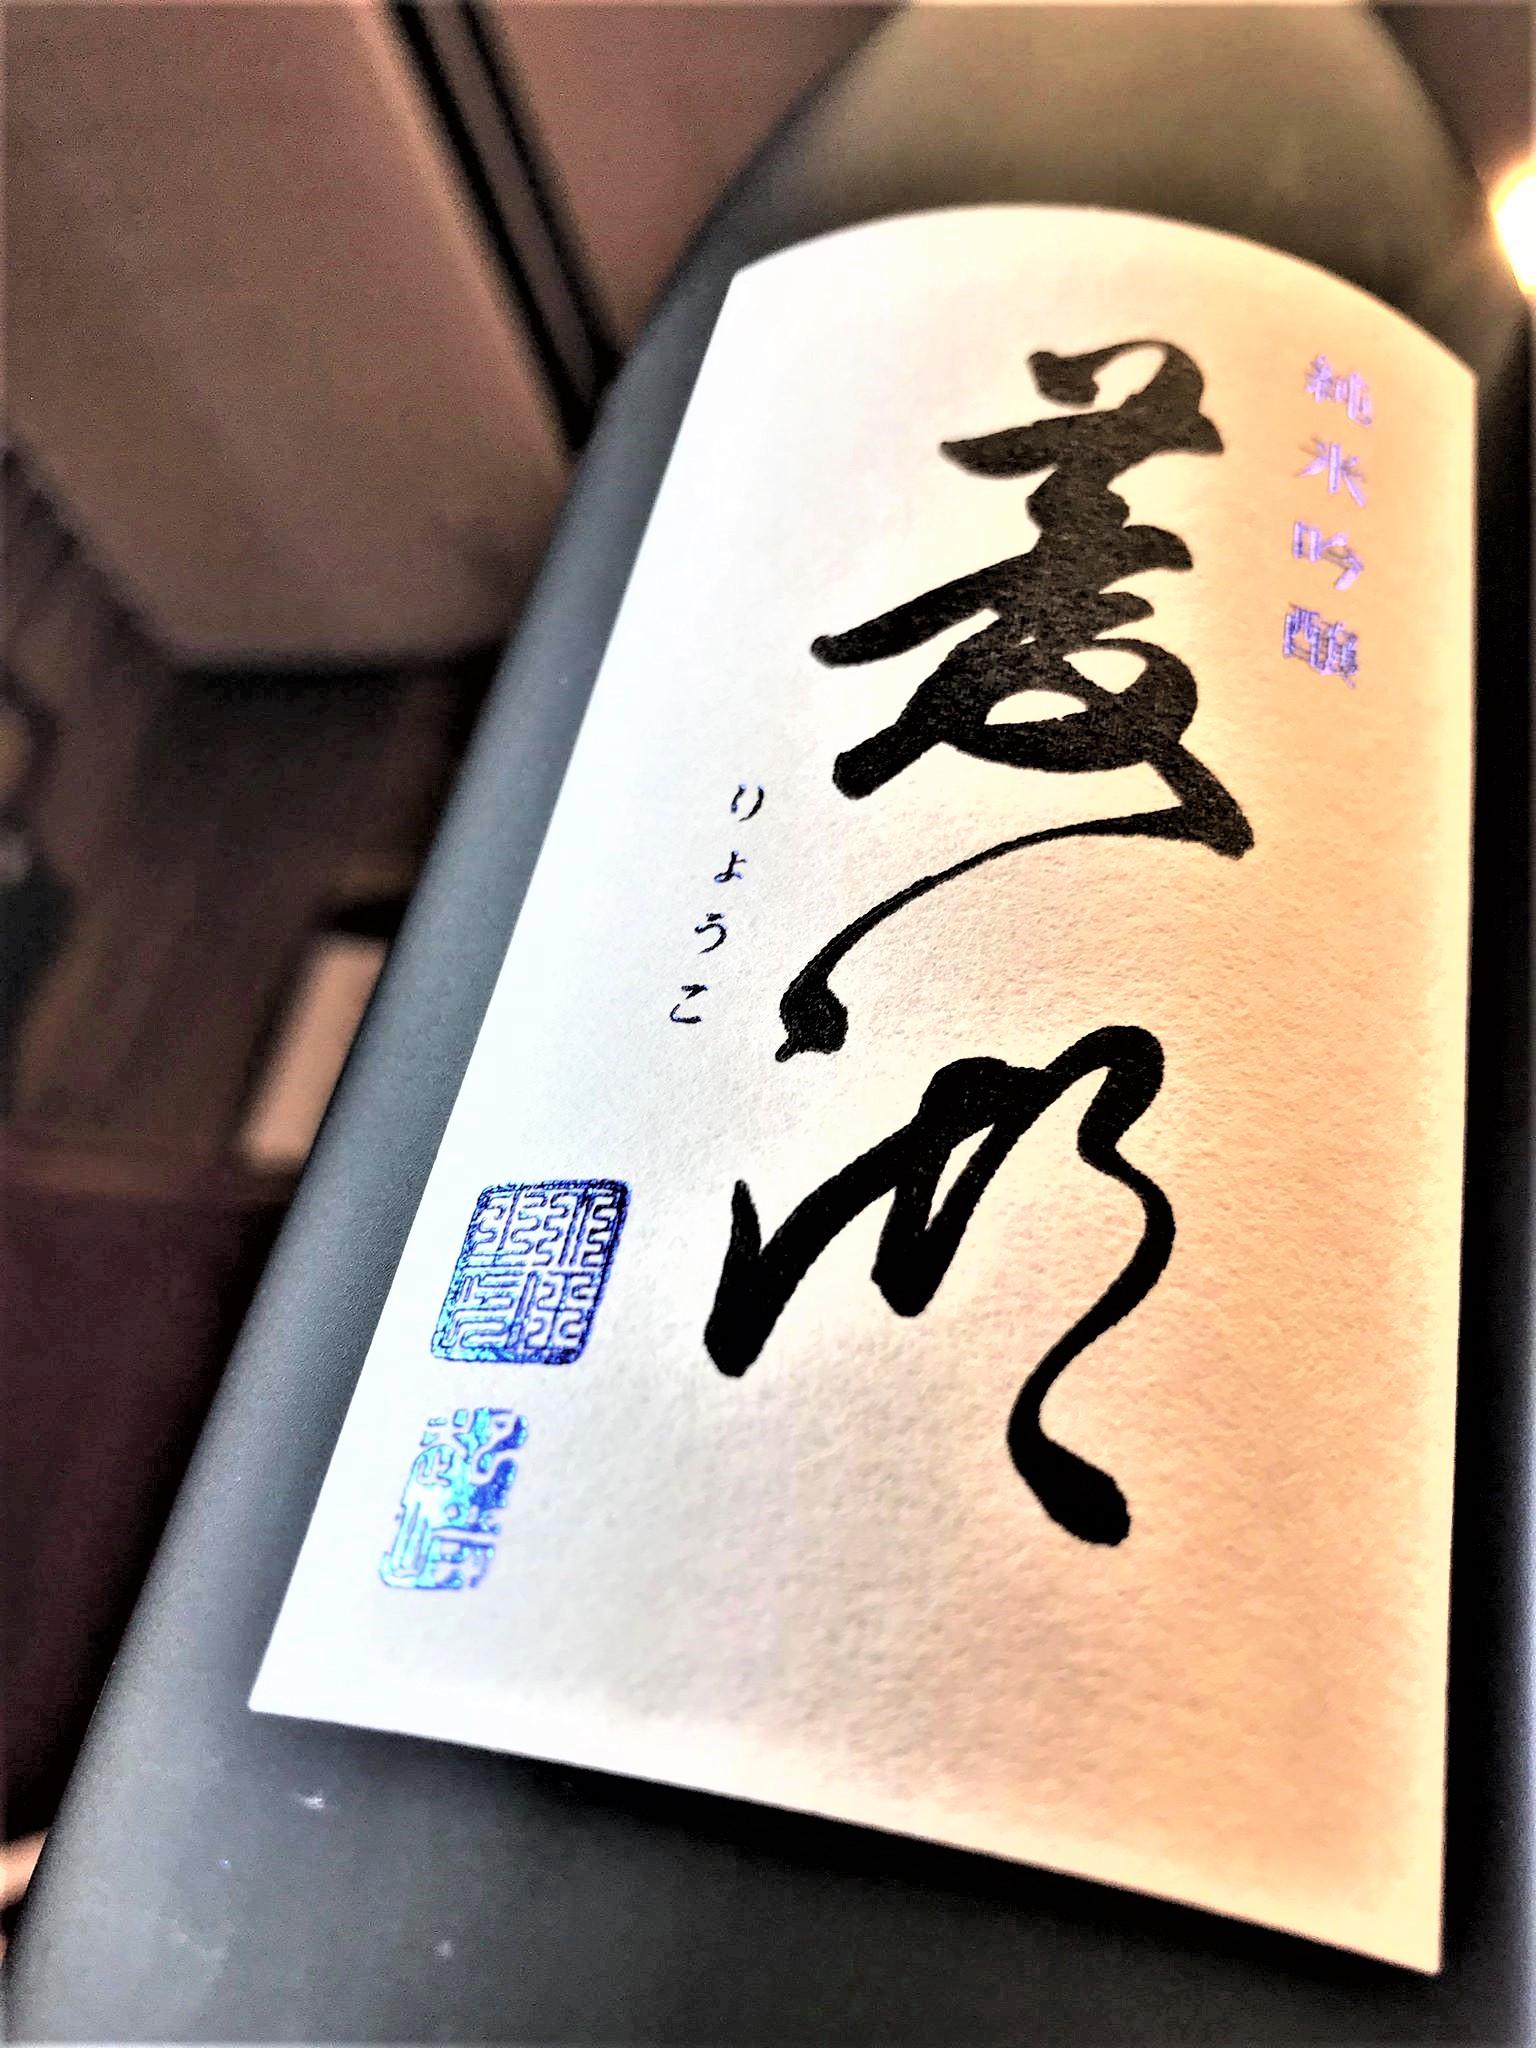 【日本酒】峰乃白梅『菱湖』純米吟醸生詰 蔵元低温貯蔵熟成ver 限定 30BY🆕_e0173738_11132818.jpg